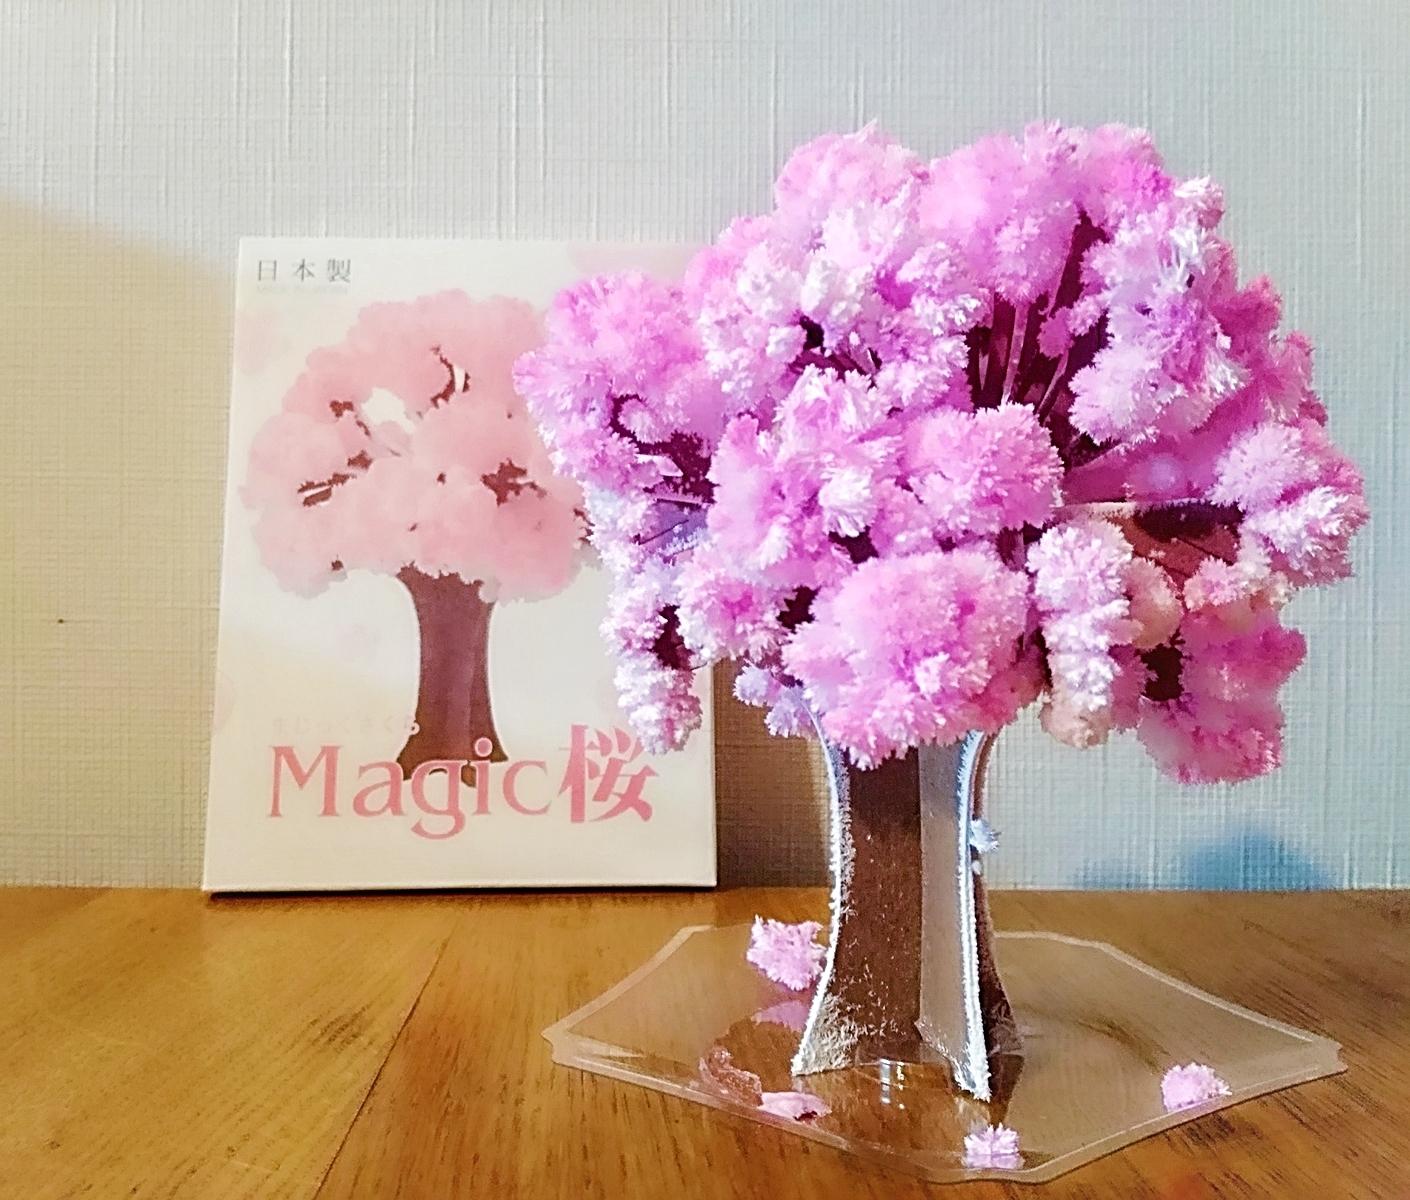 12時間で桜を咲かせられるってホント⁉【Magic桜】は日常に小さな幸せを運んでくれます